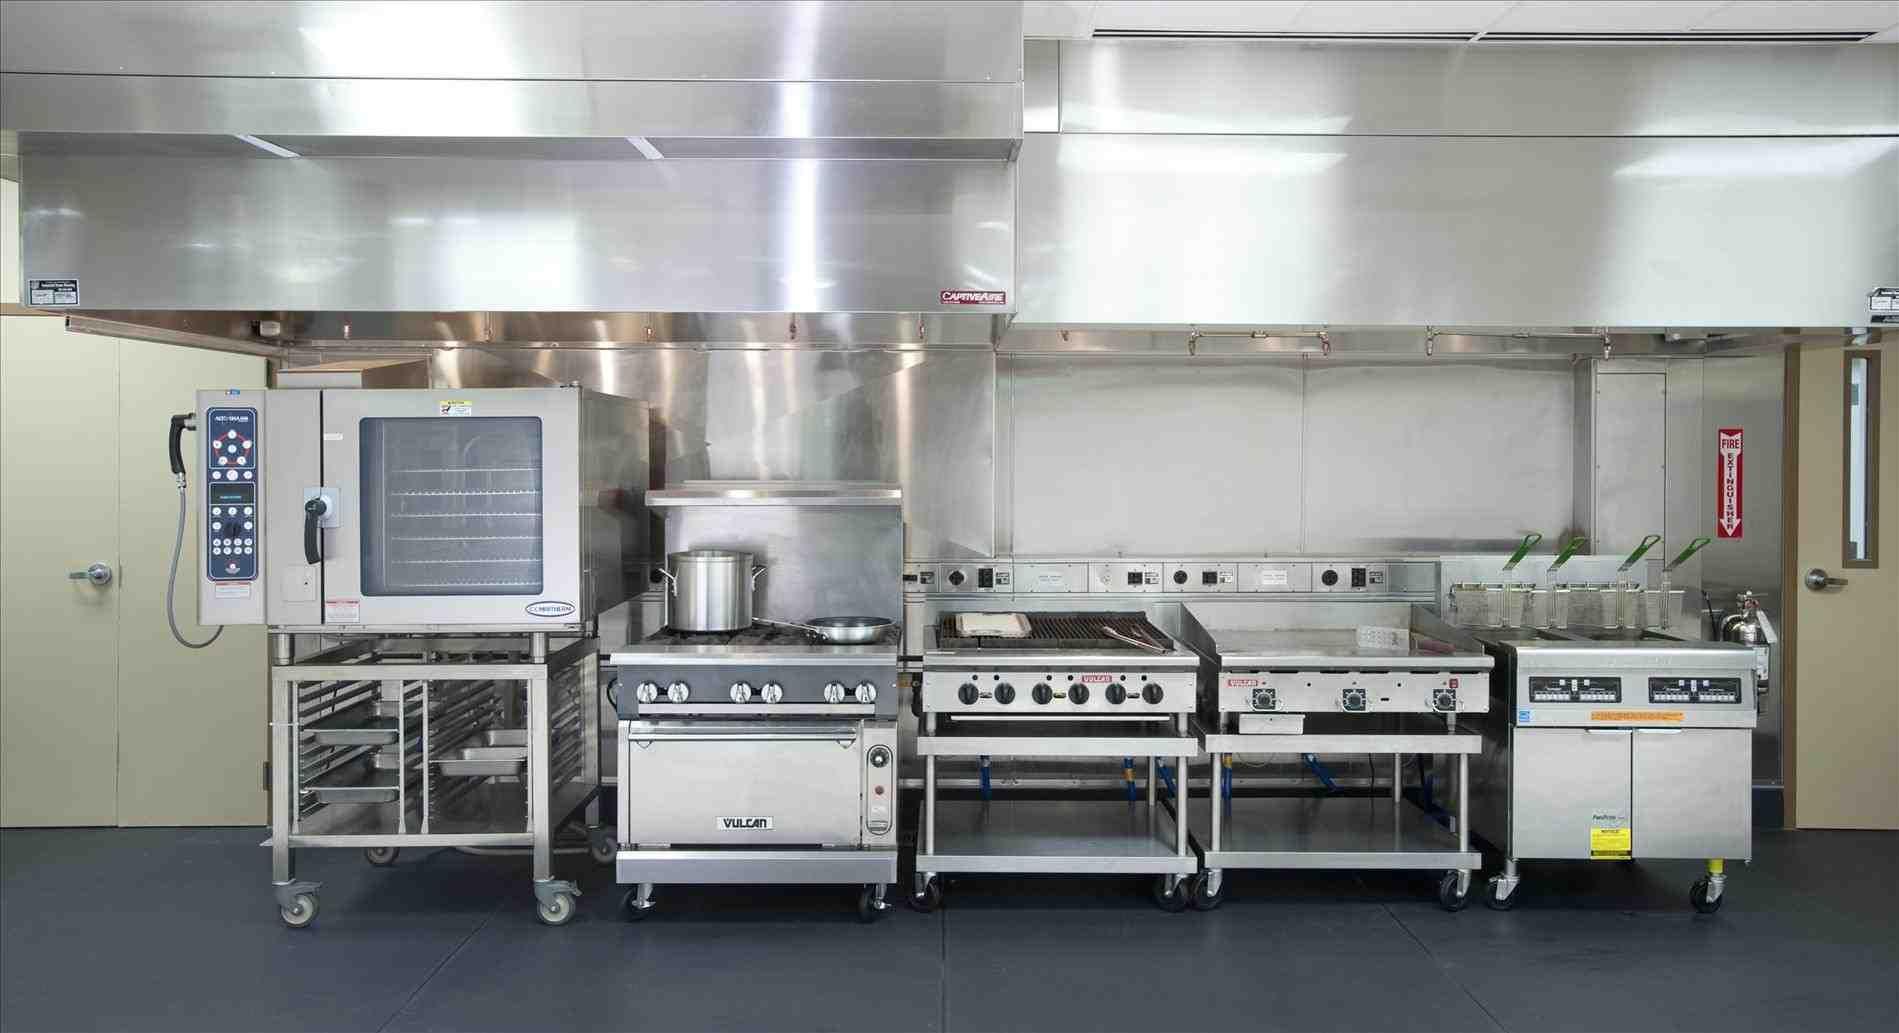 Kitchen appliances names of kitchen appliances - Brands Photos Architectural Digest Best Kitchen Appliances Names Luxury Appliance Brands Photos Architectural Digest Indian Restaurant